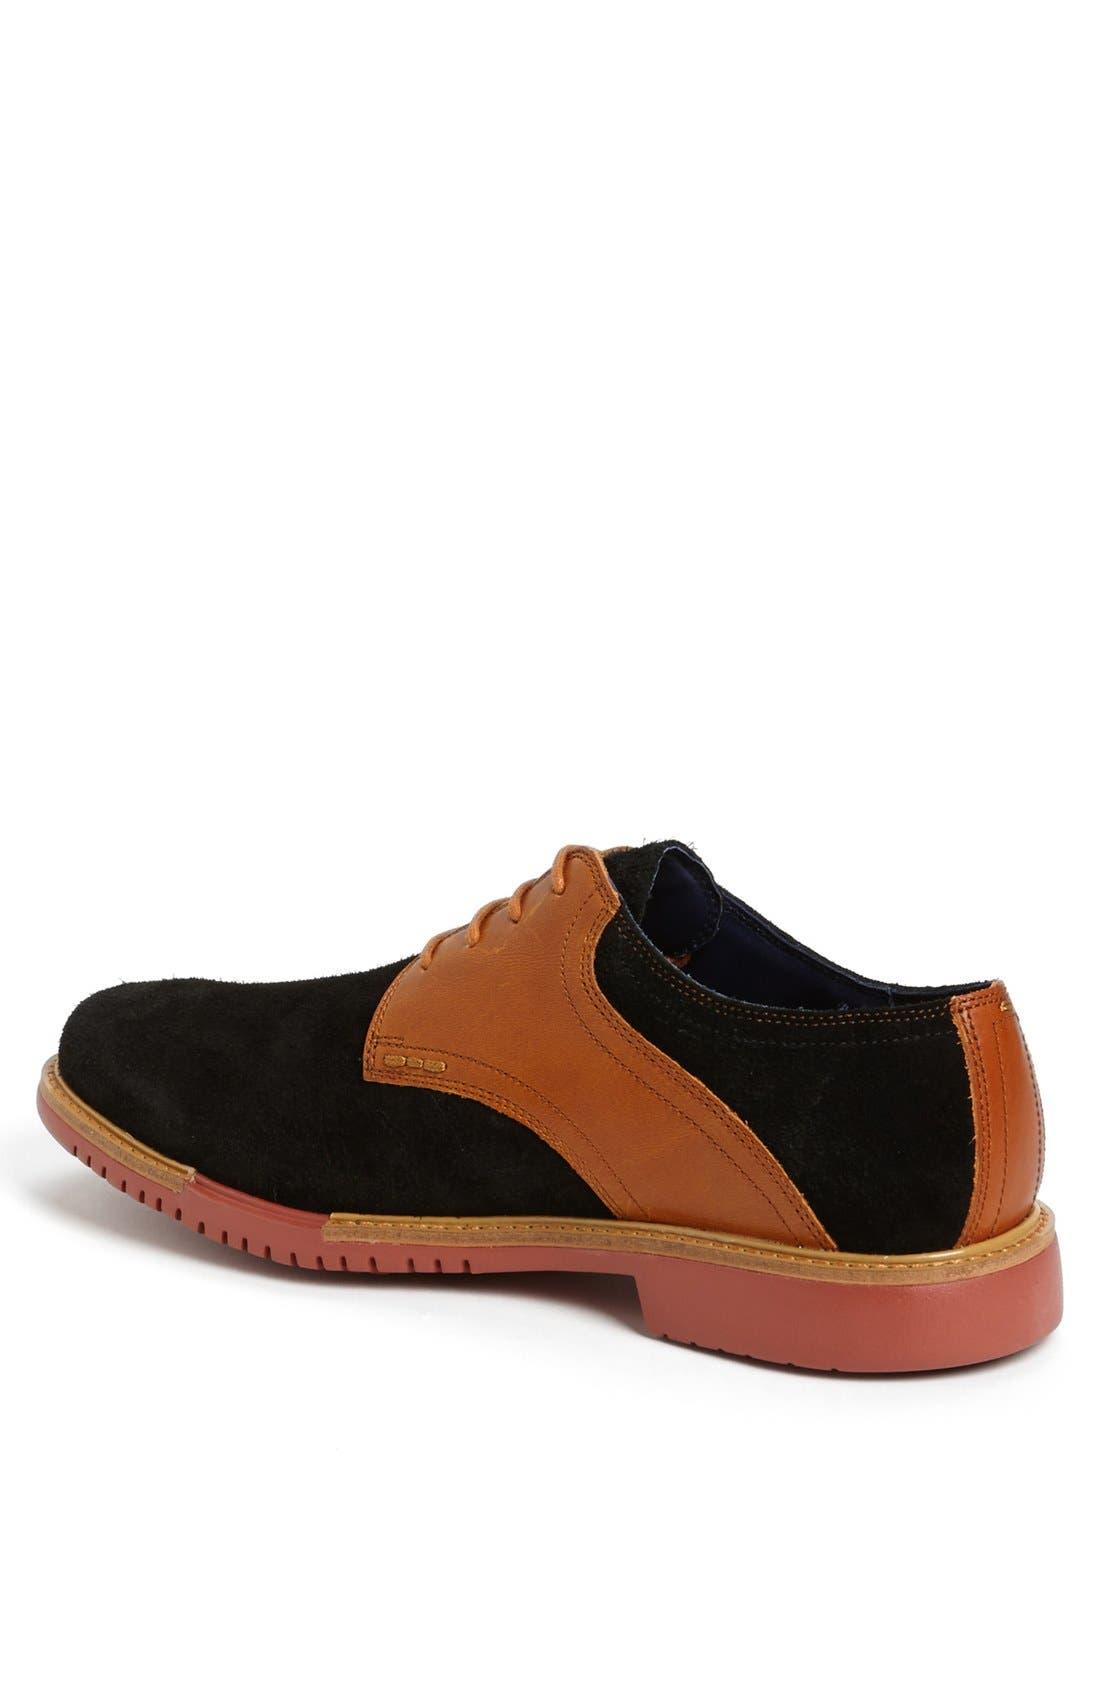 COLE HAAN, 'Great Jones' Saddle Shoe, Alternate thumbnail 4, color, 001